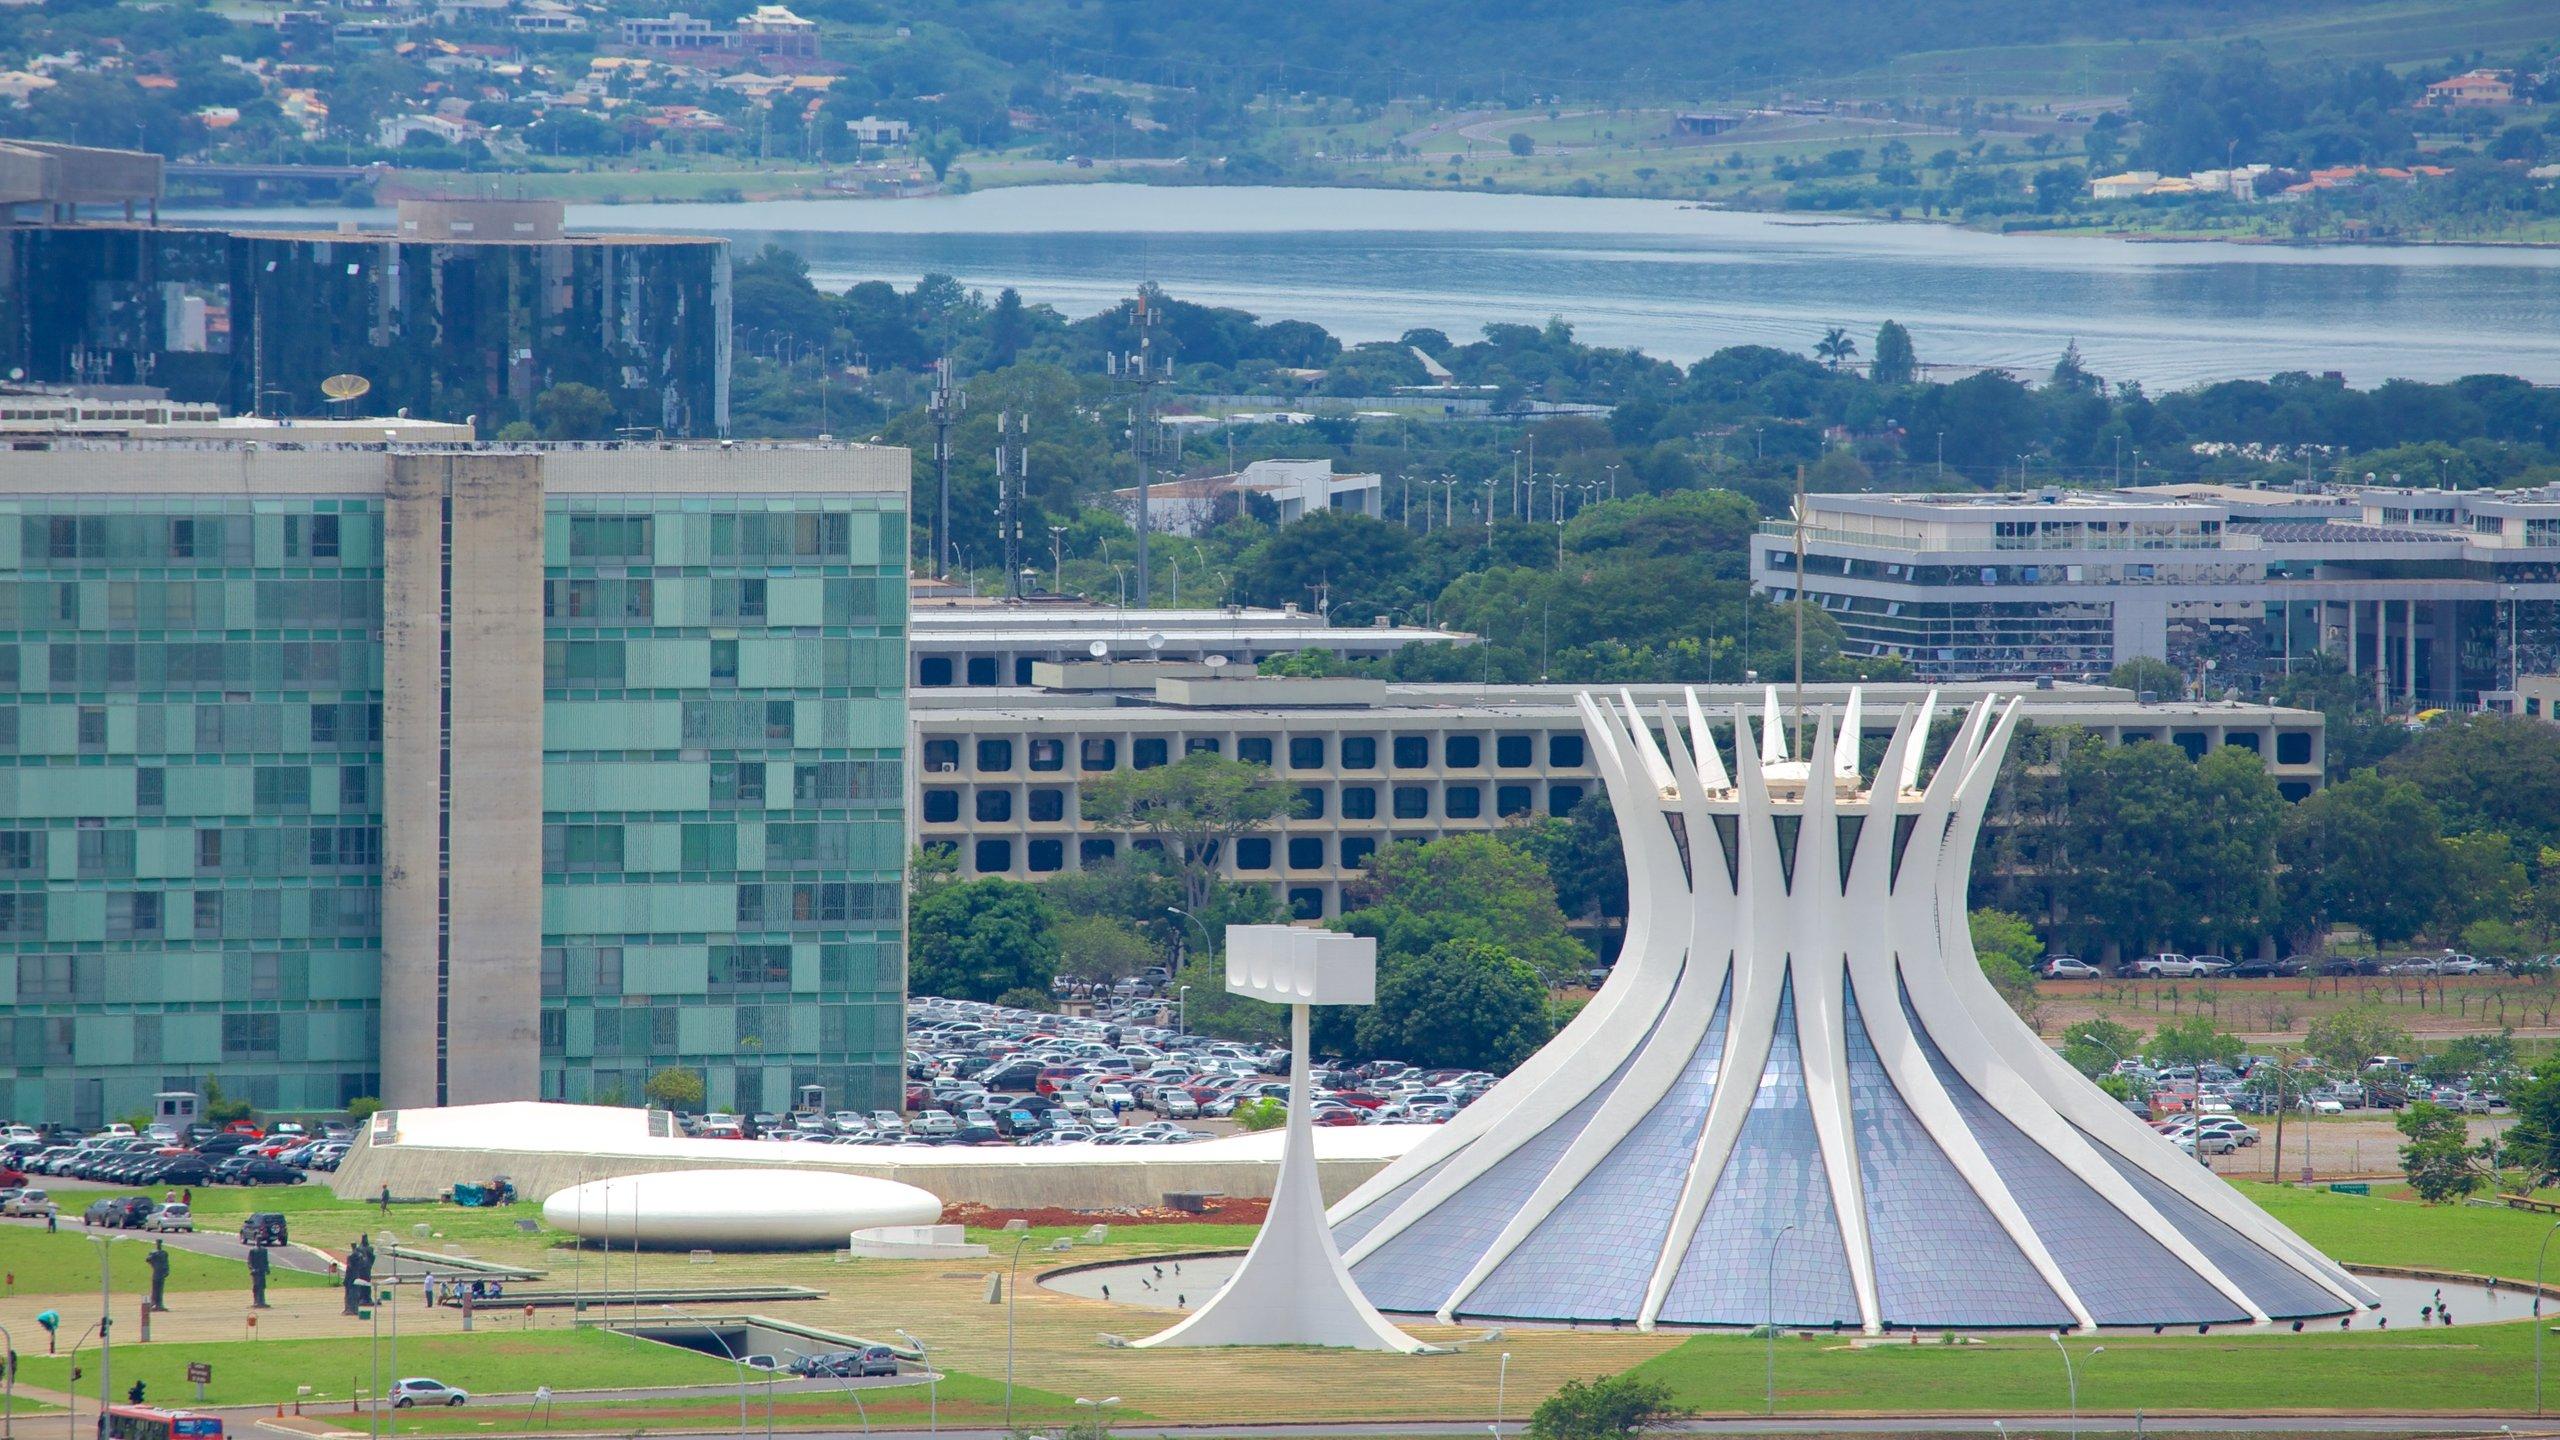 Eixo Monumental, Brasilia, Distrito Federal (staat), Brazilië